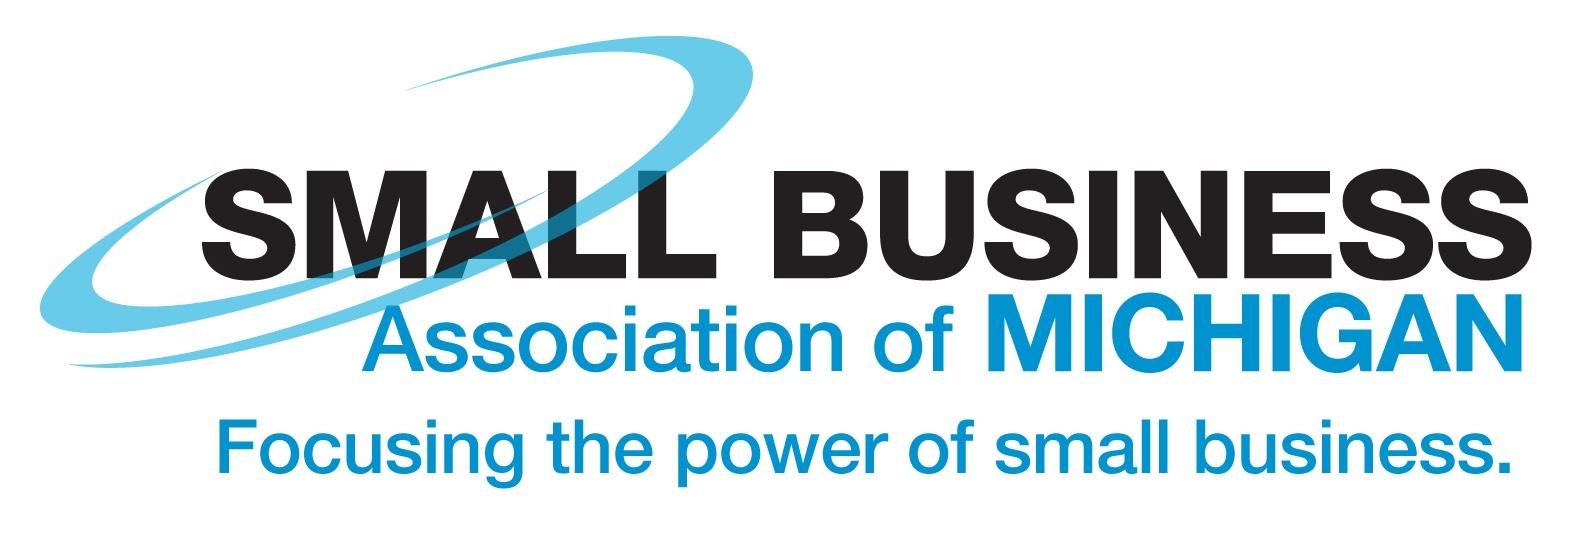 SBAM-Logo-with-Tagline.jpg